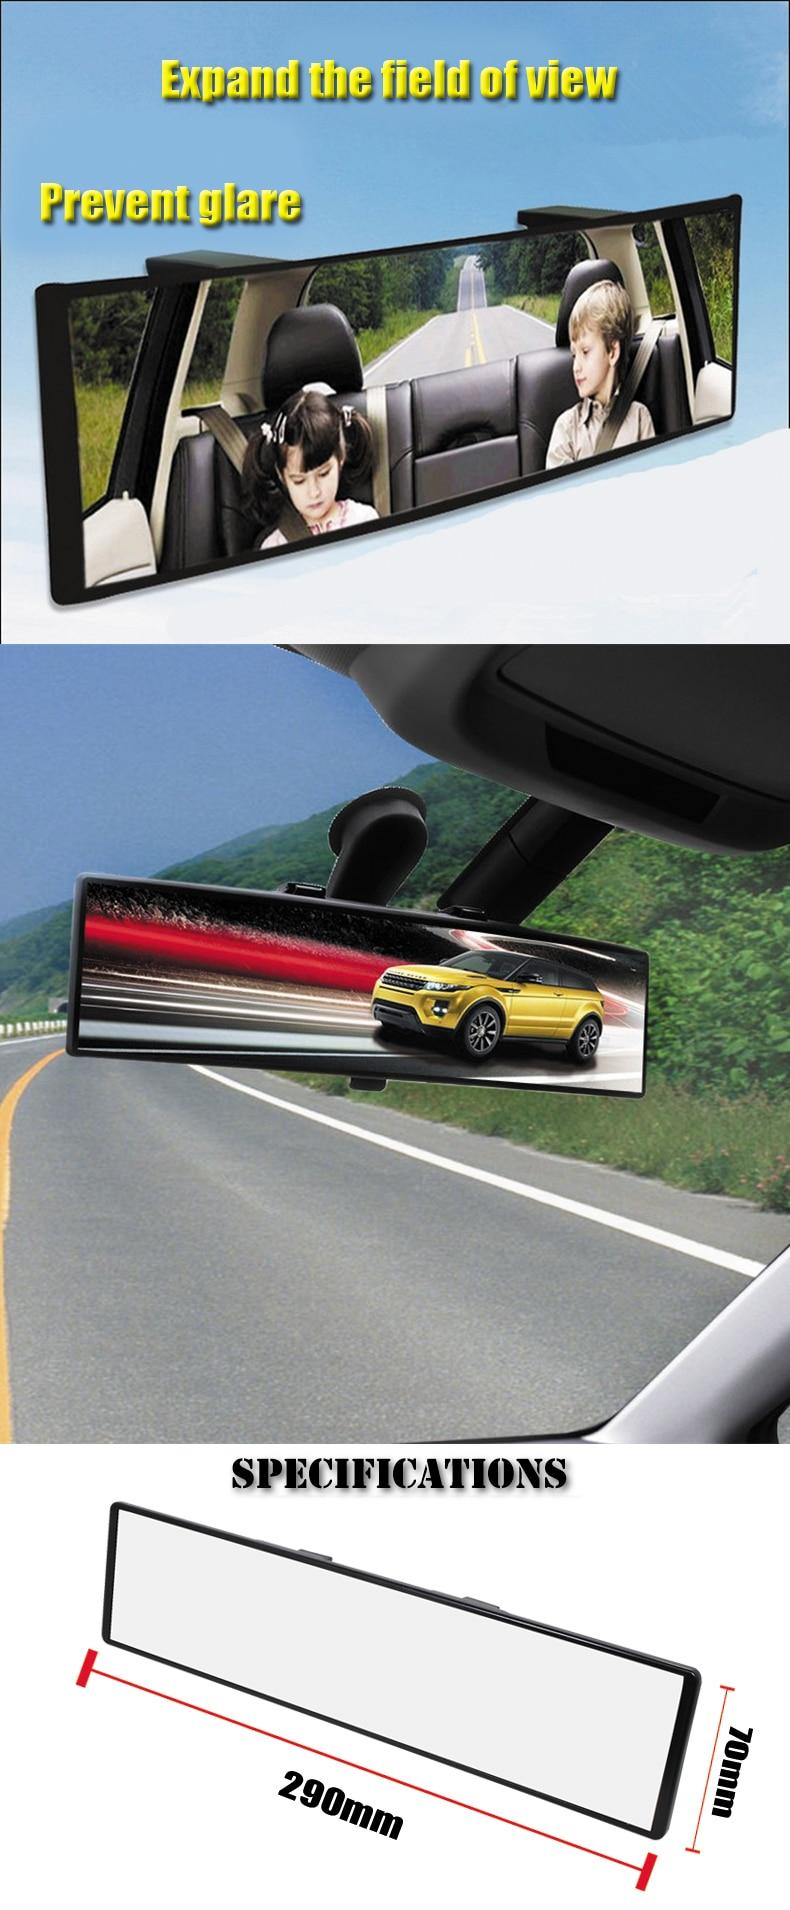 clipe no plano espelho retrovisor 280mm grande